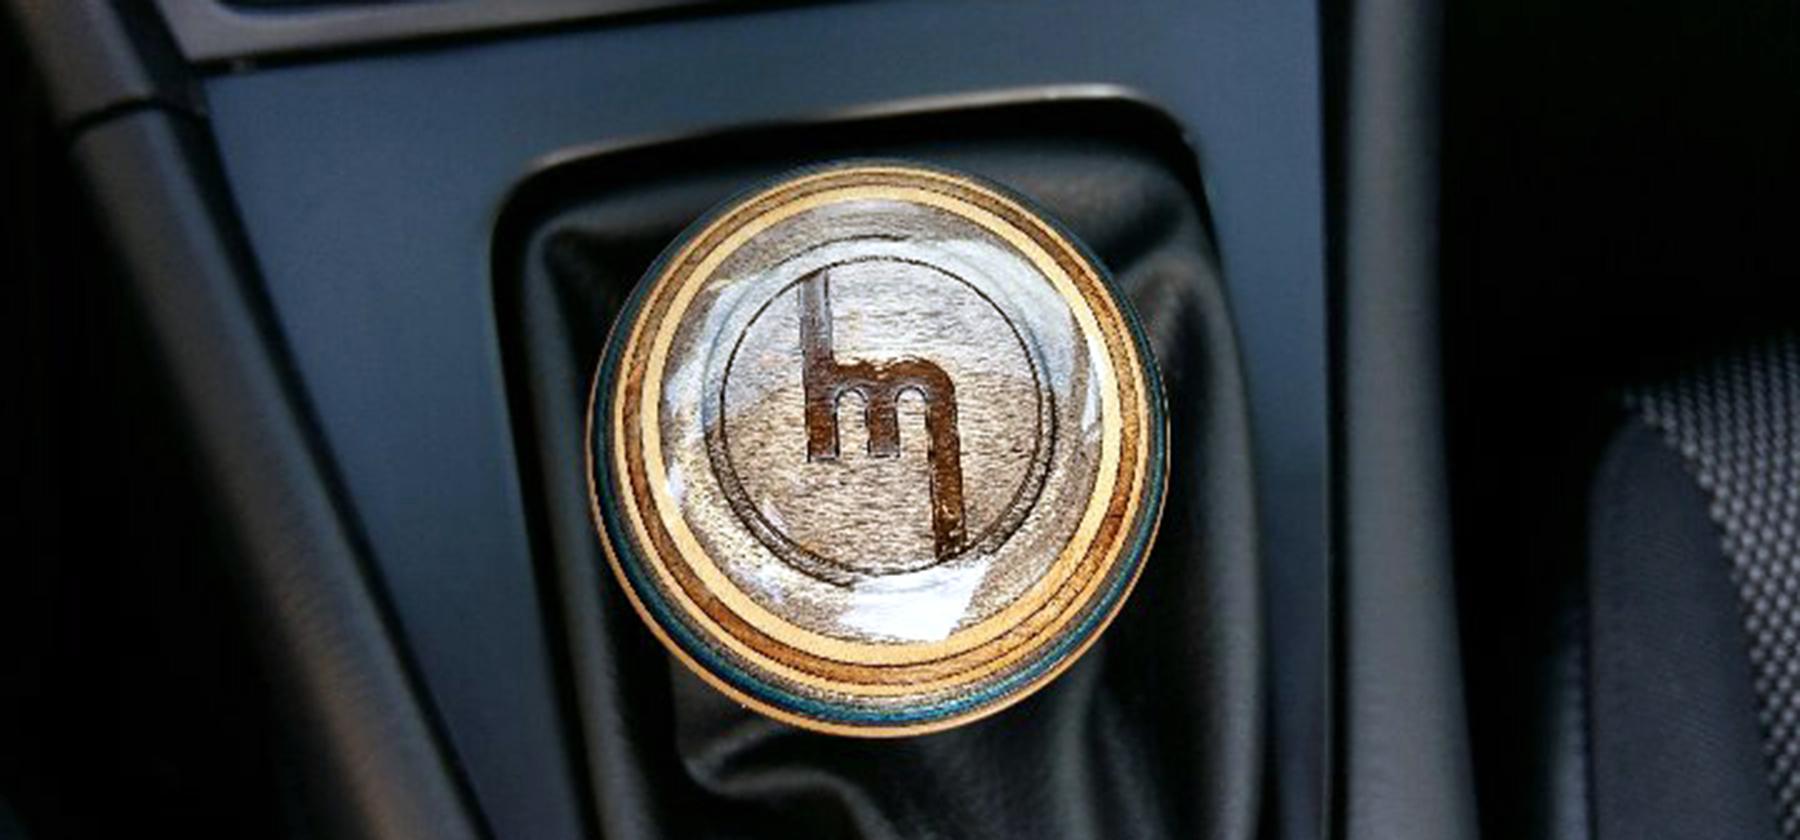 mx-5 set